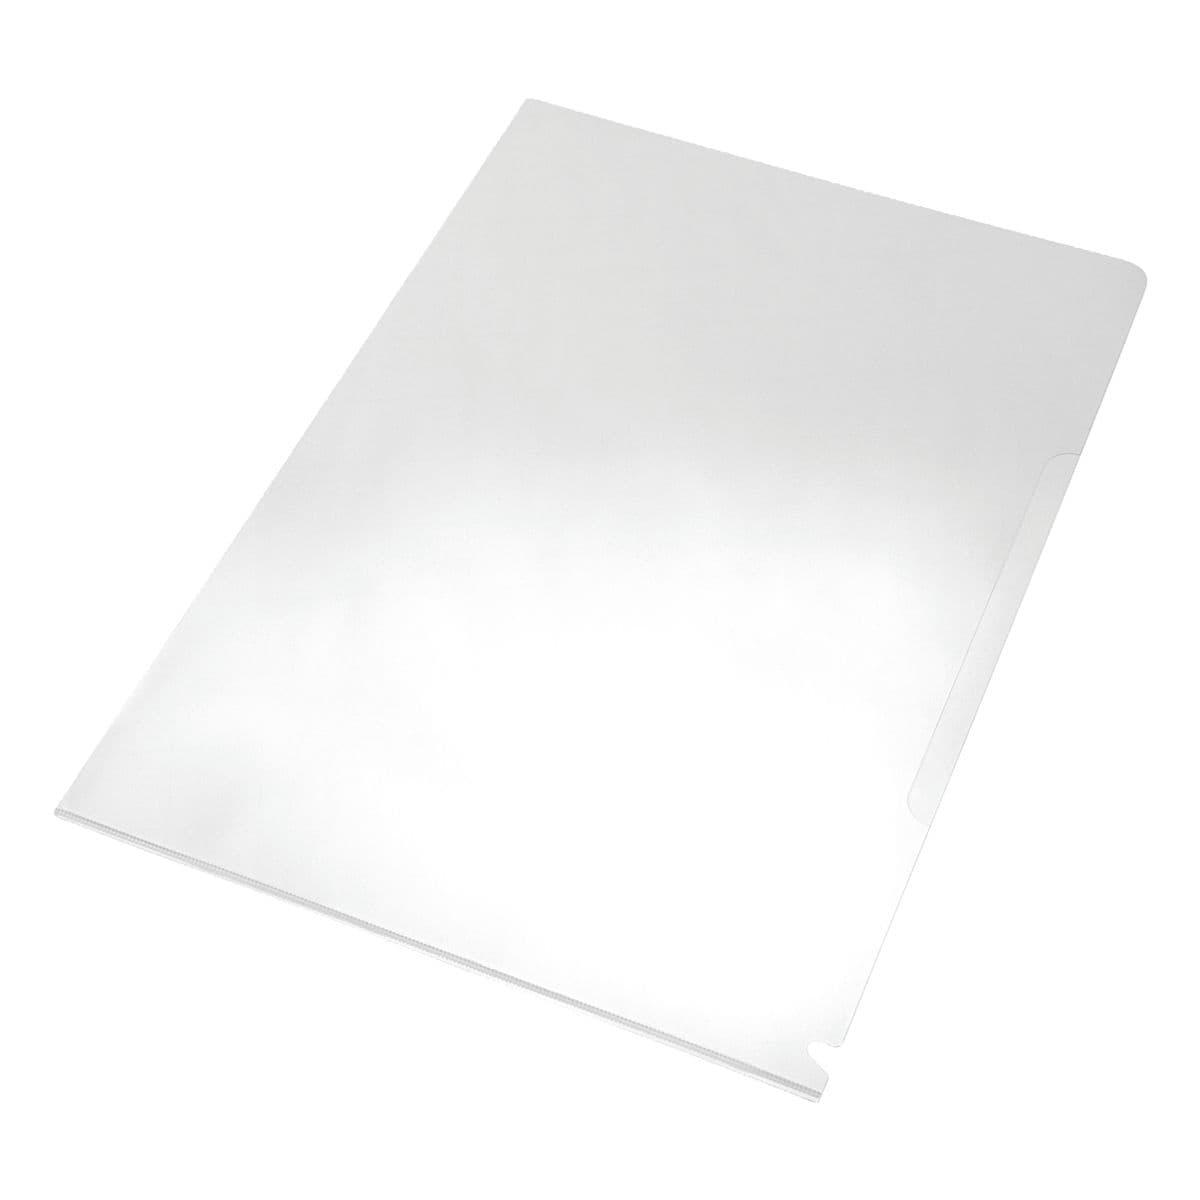 EICHNER Sammelhülle A4 glatt/glasklar, oben und seitlich offen 0,12 mm - 100 Stück